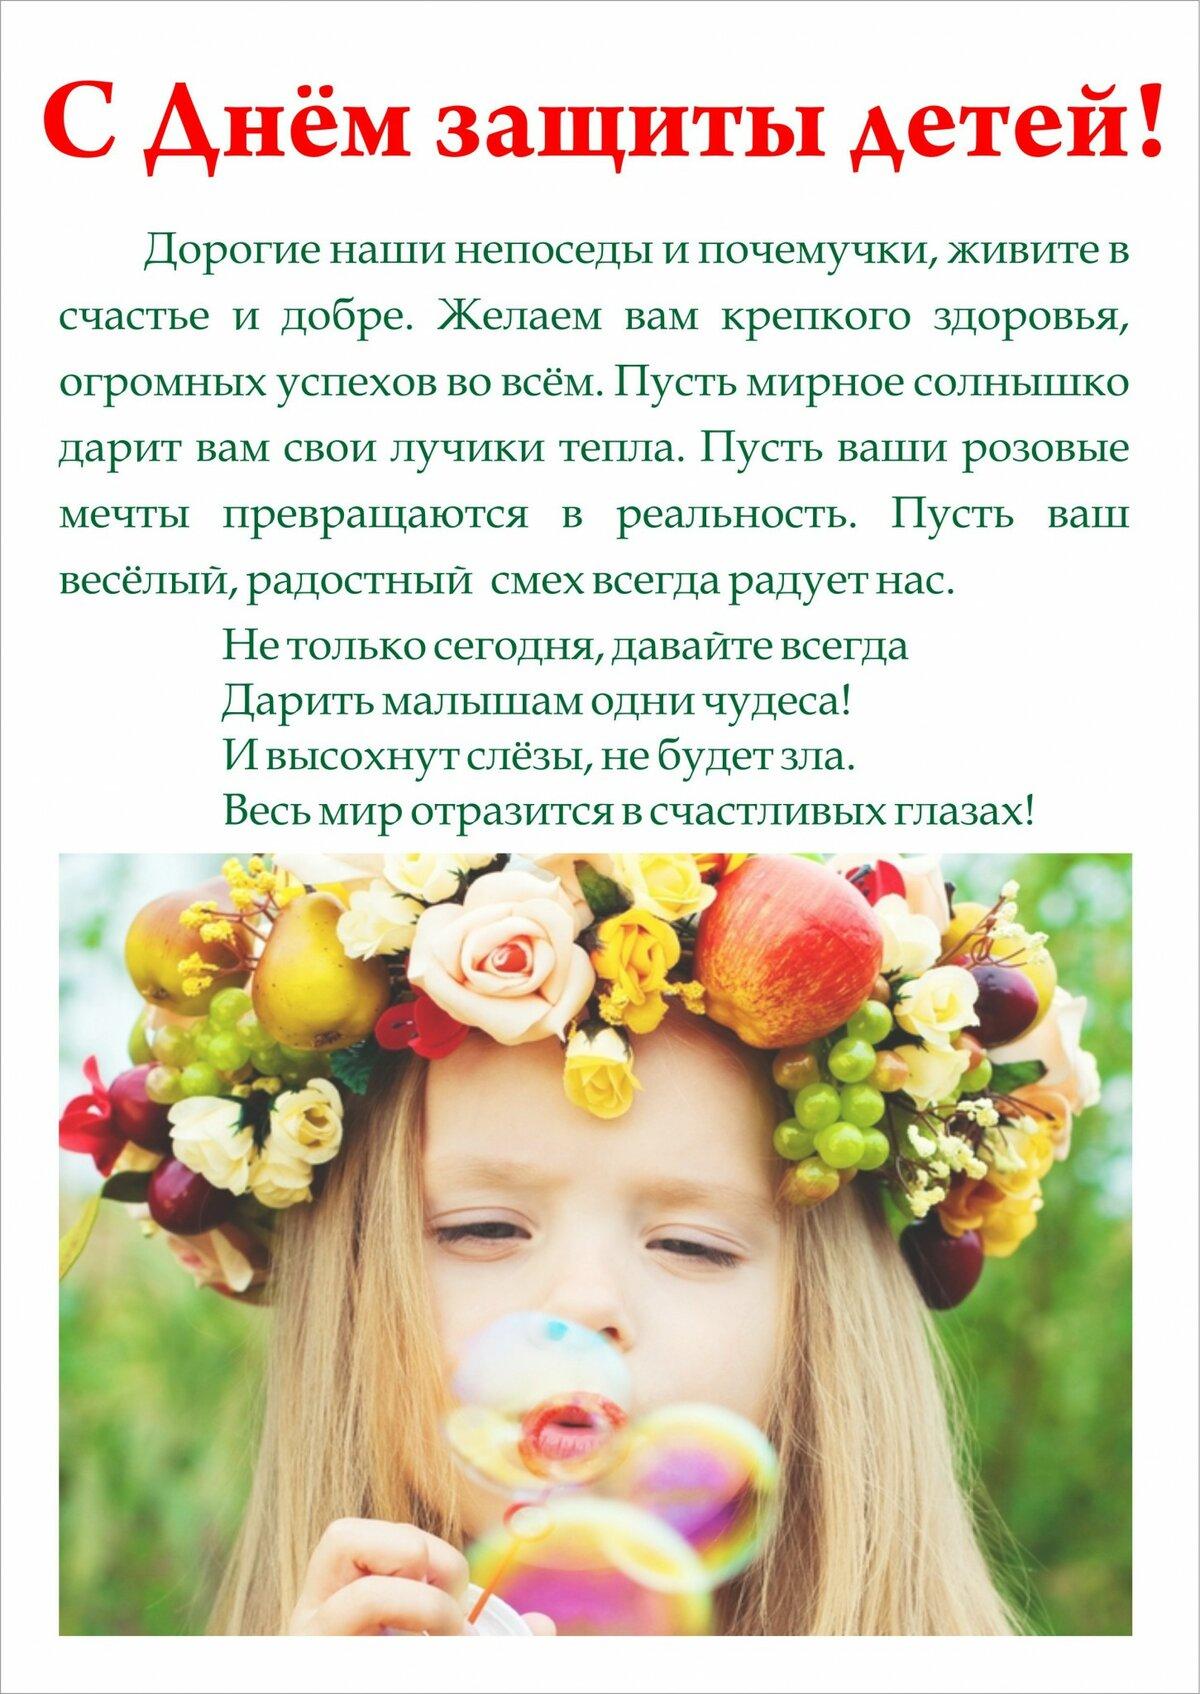 Поздравление к дню защиты детей проза поздравление